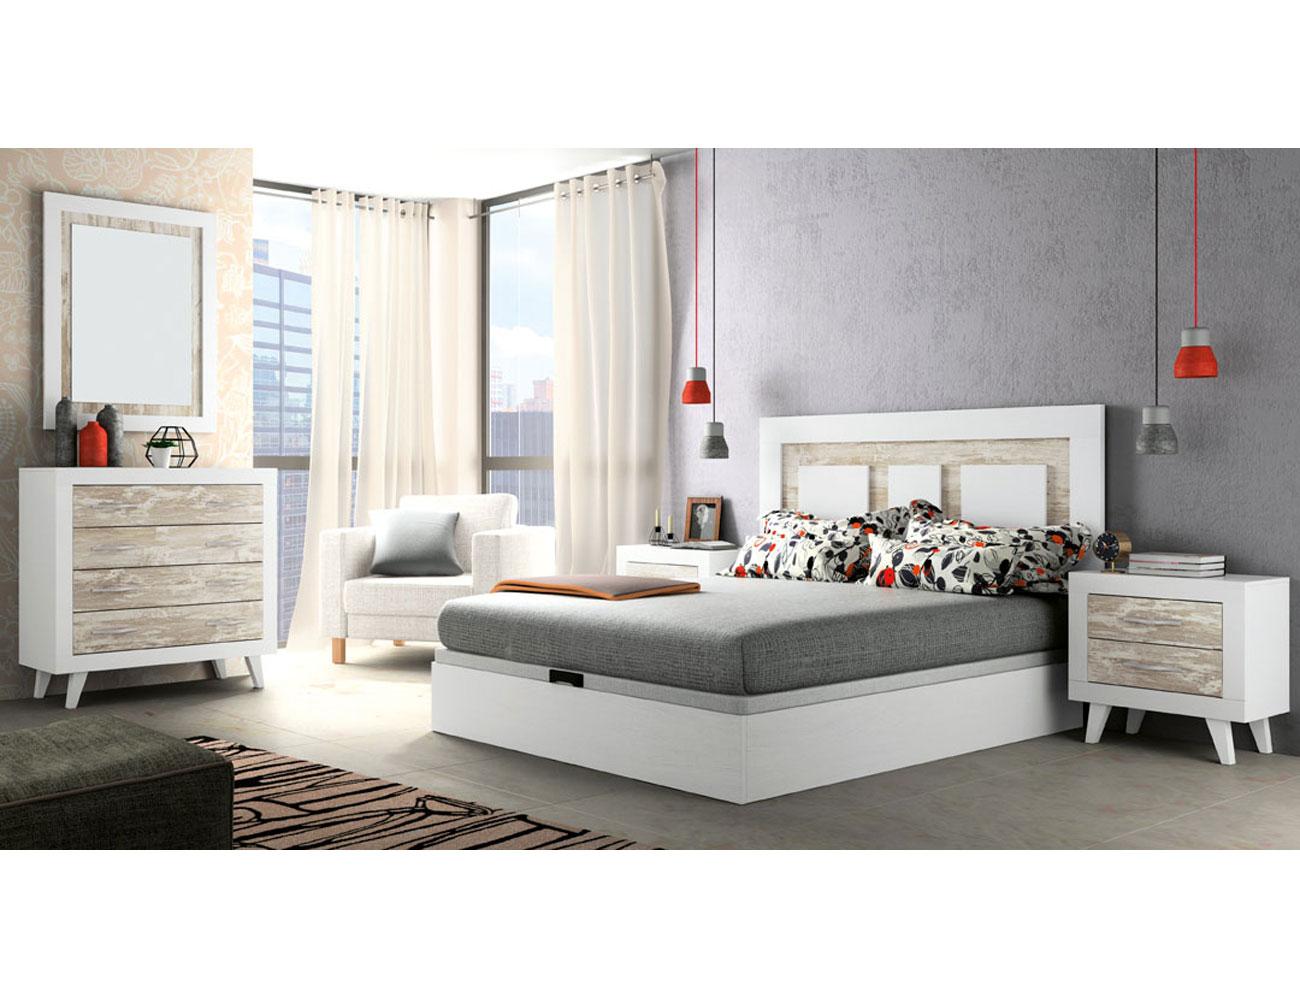 283 dormitorio matrimonio soul blanco vintage